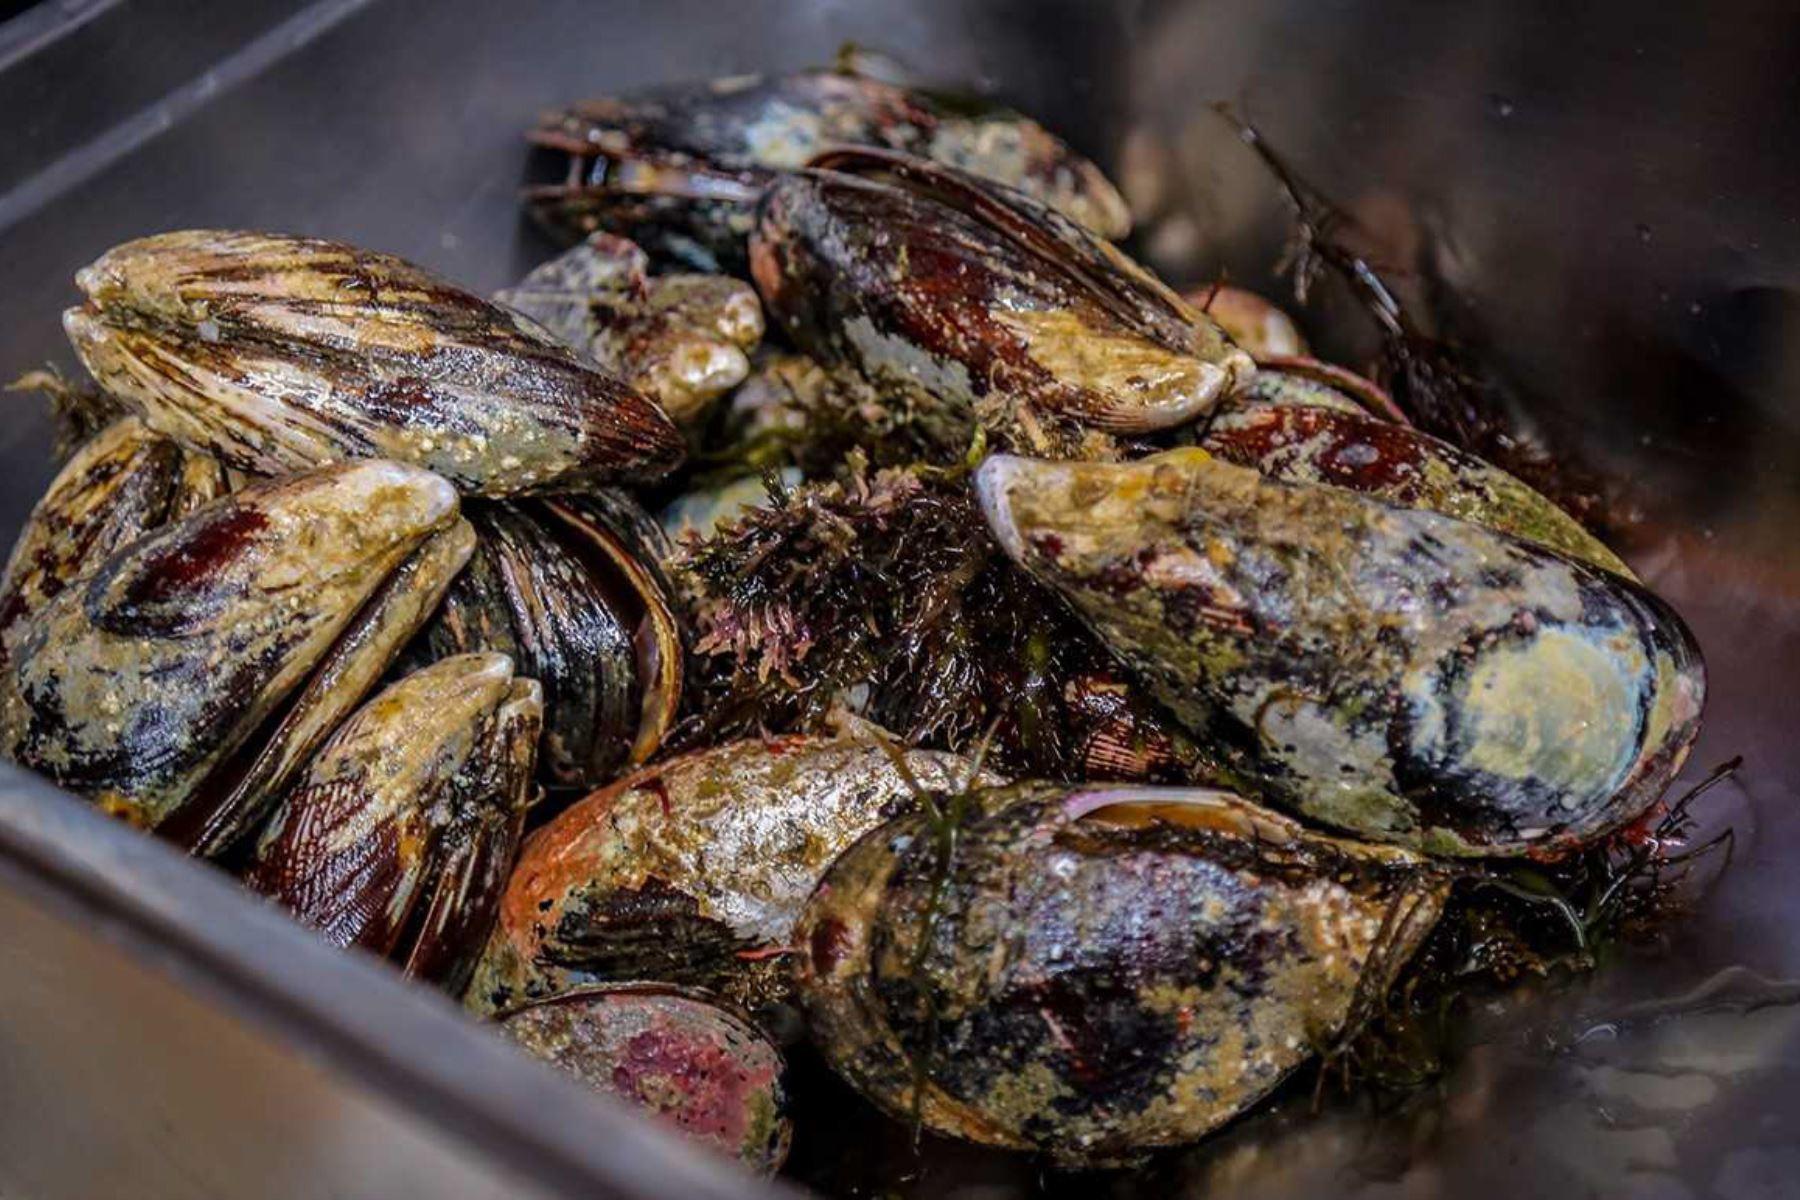 El Organismo Nacional de Sanidad Pesquera (Sanipes) autorizó la extracción del recurso choro (Aulacomya atra) y de otros moluscos bivalvos, del área de producción Pozo de Lizas ubicada en Ilo, región Moquegua.